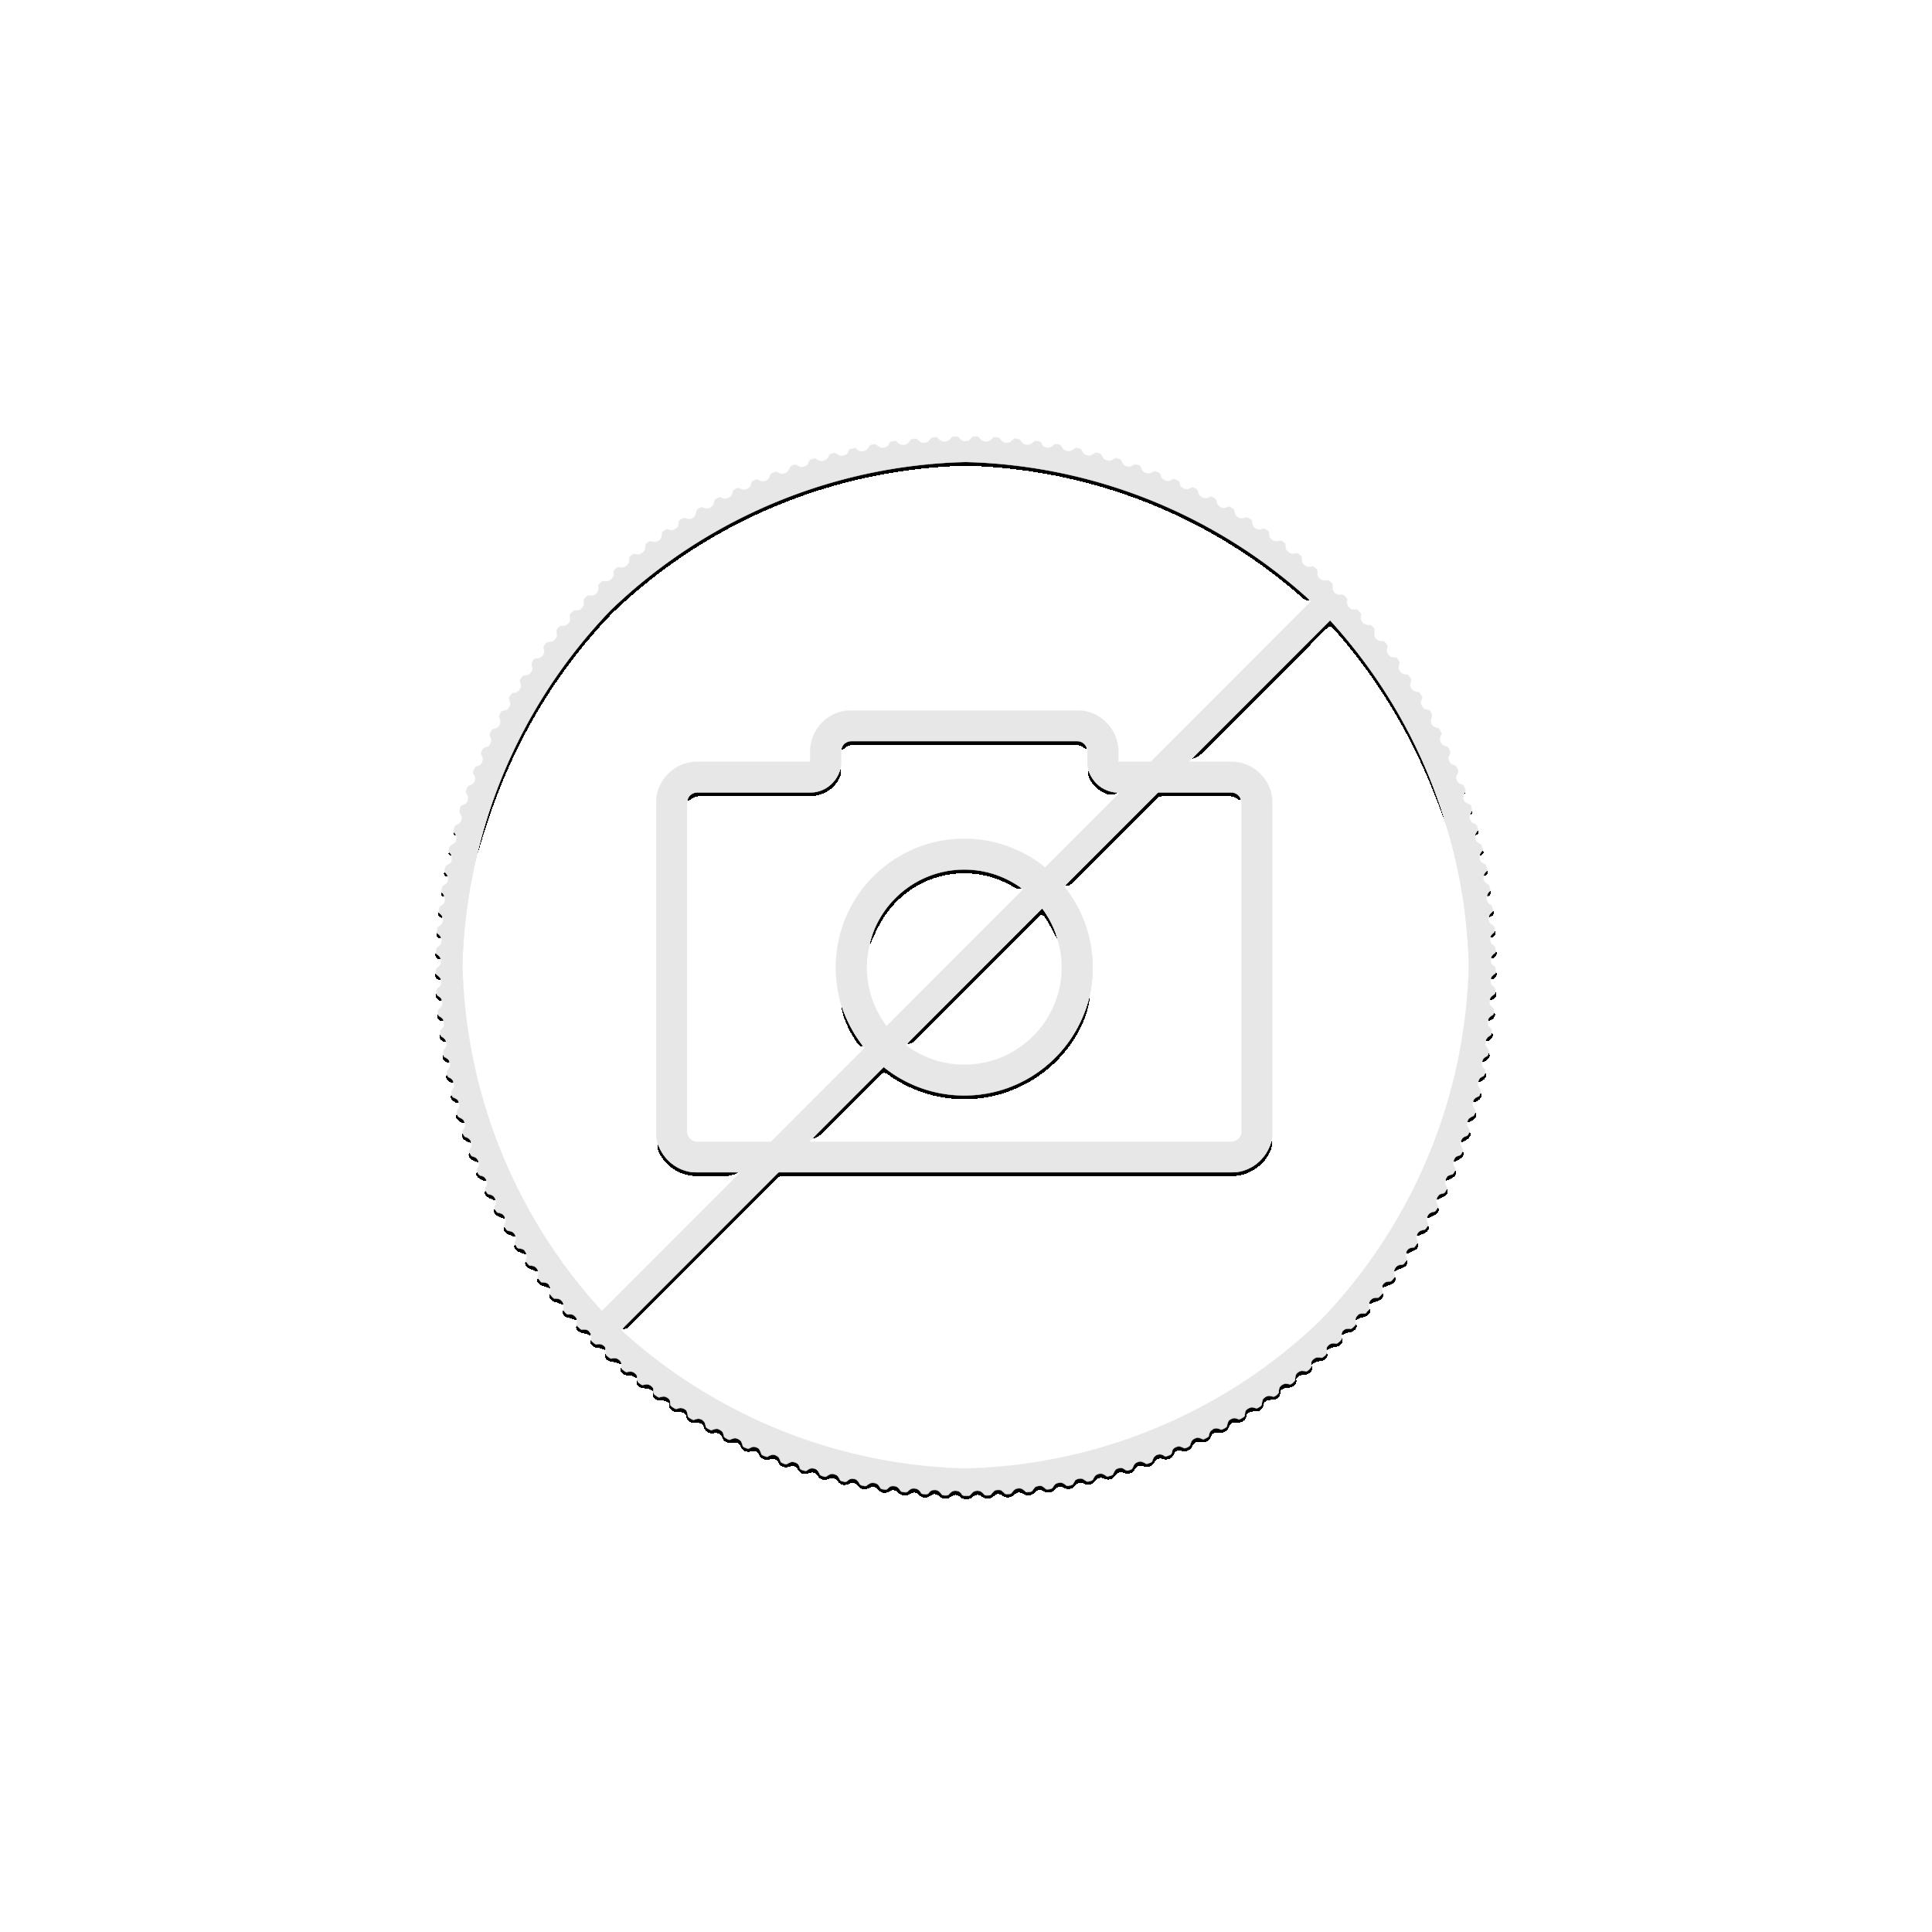 Muntcapsule 33 mm Intercept Quadrum